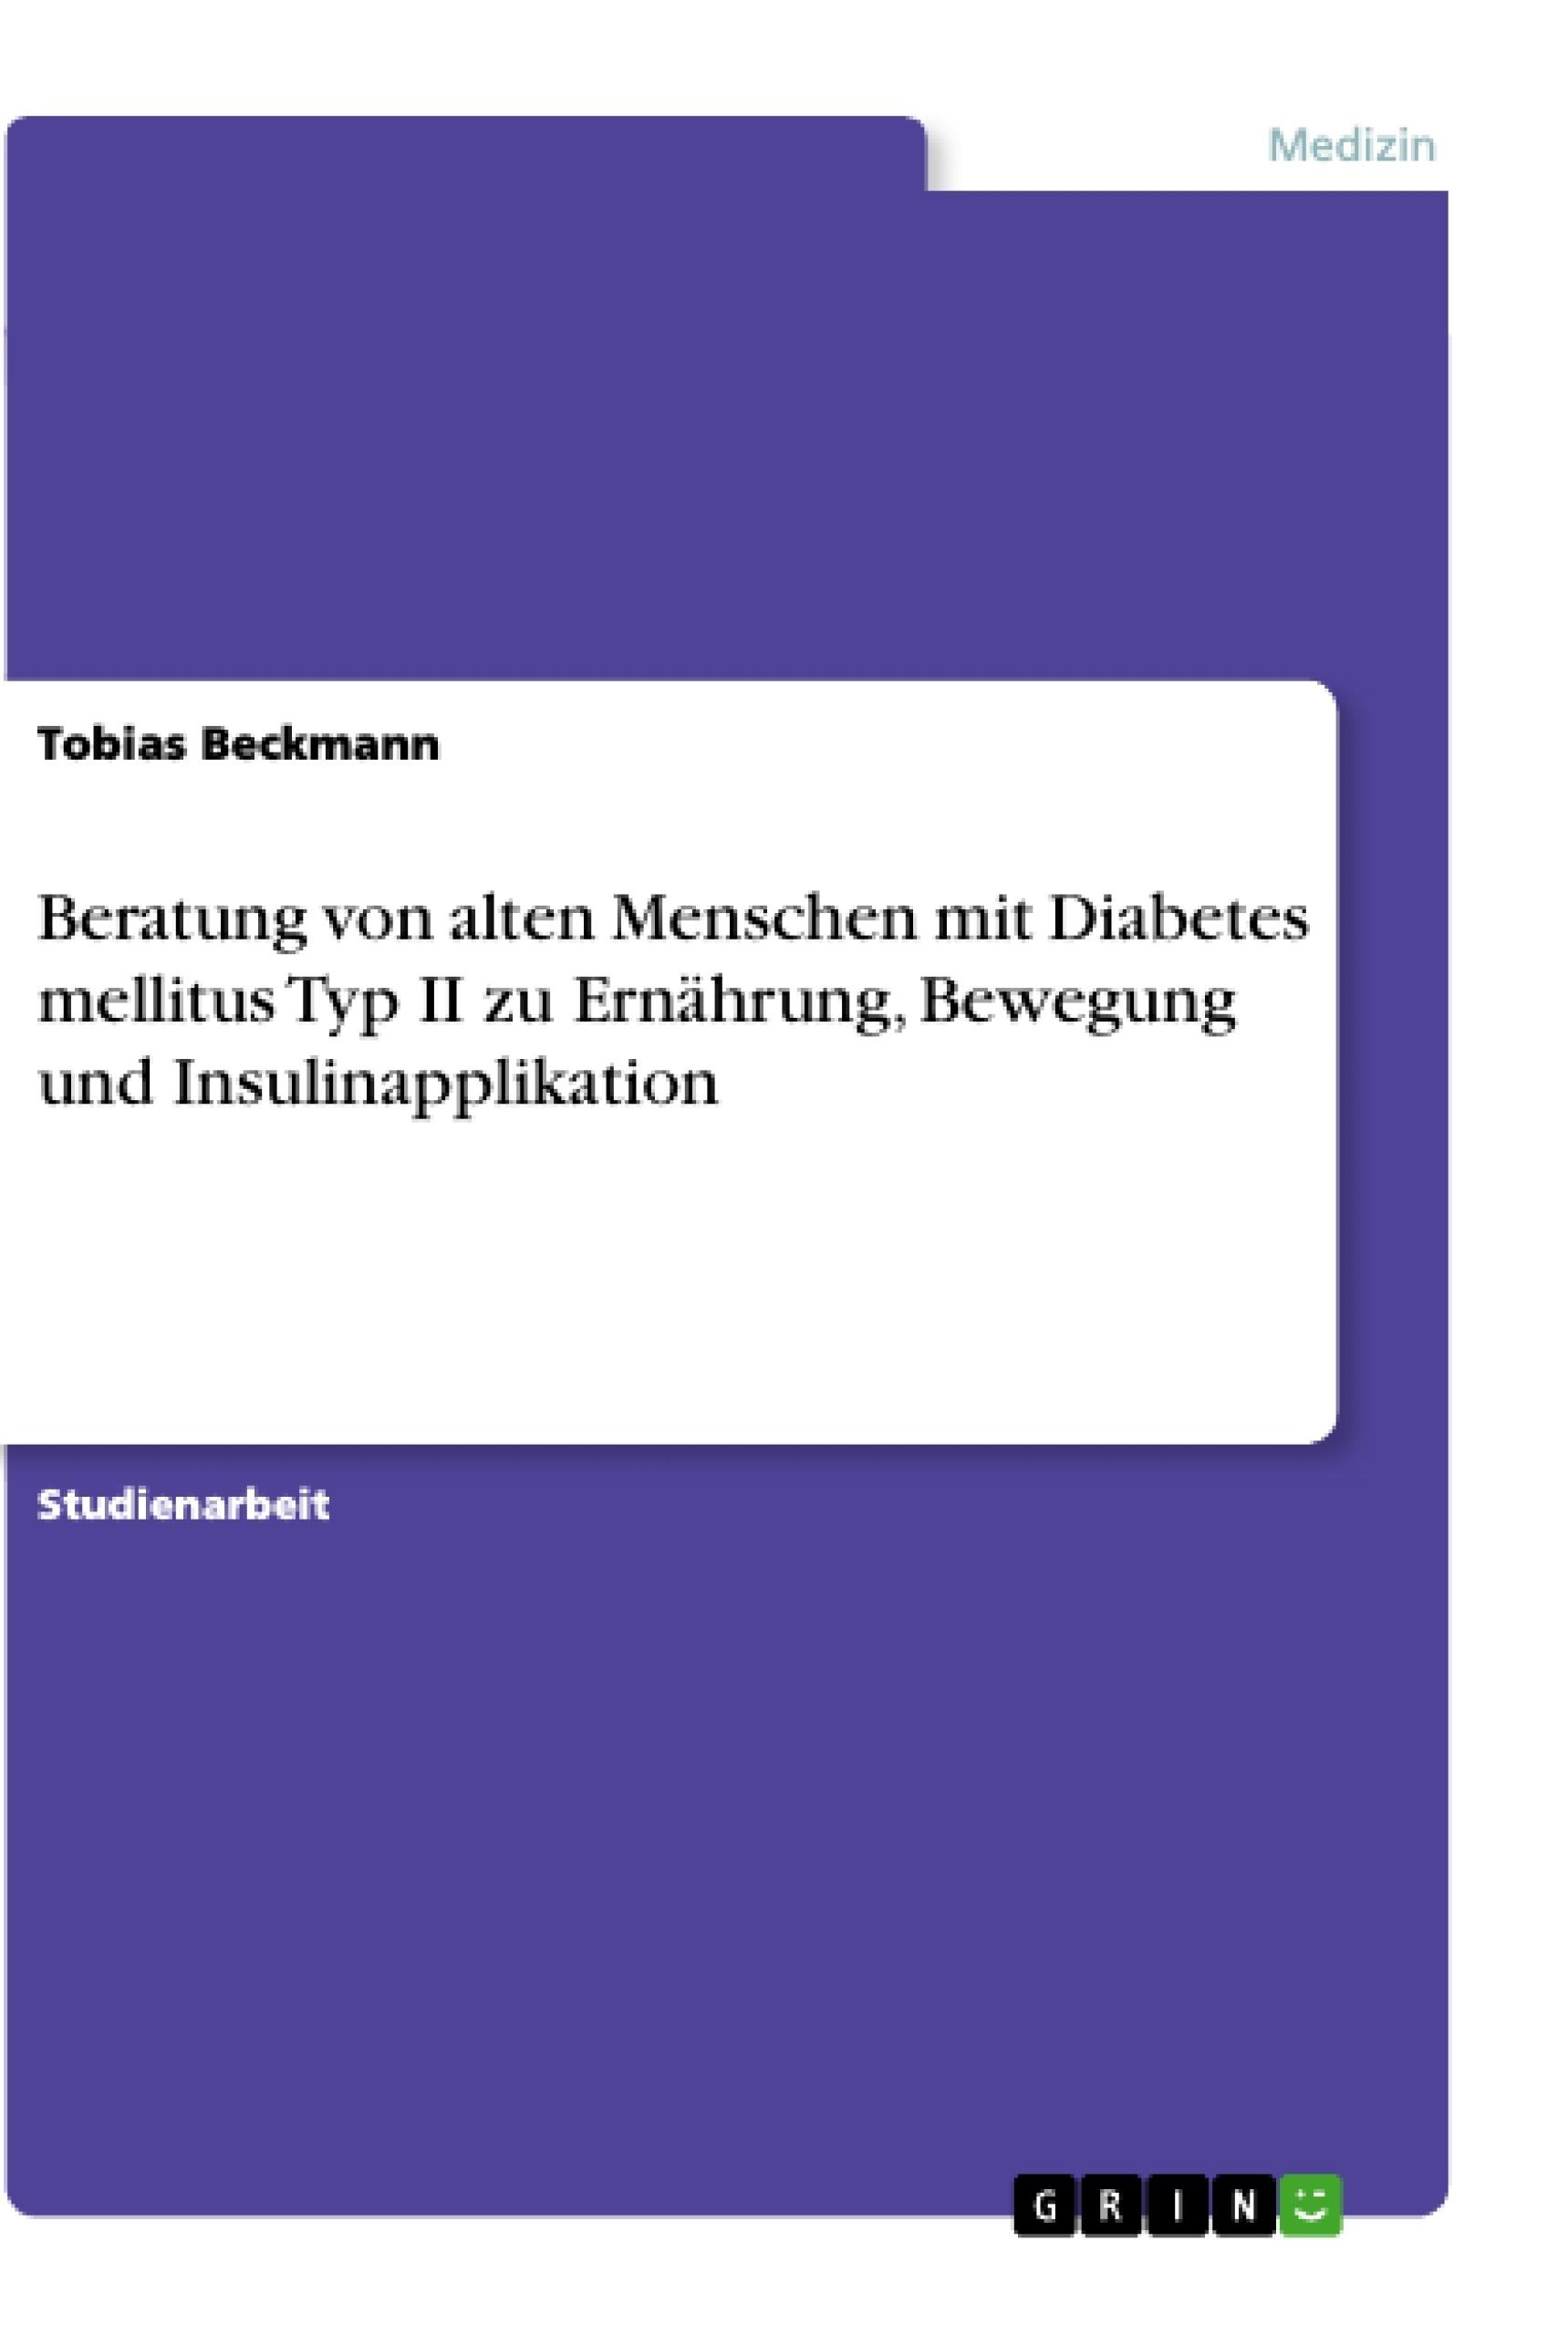 Titel: Beratung von alten Menschen mit Diabetes mellitus Typ II zu Ernährung, Bewegung und Insulinapplikation